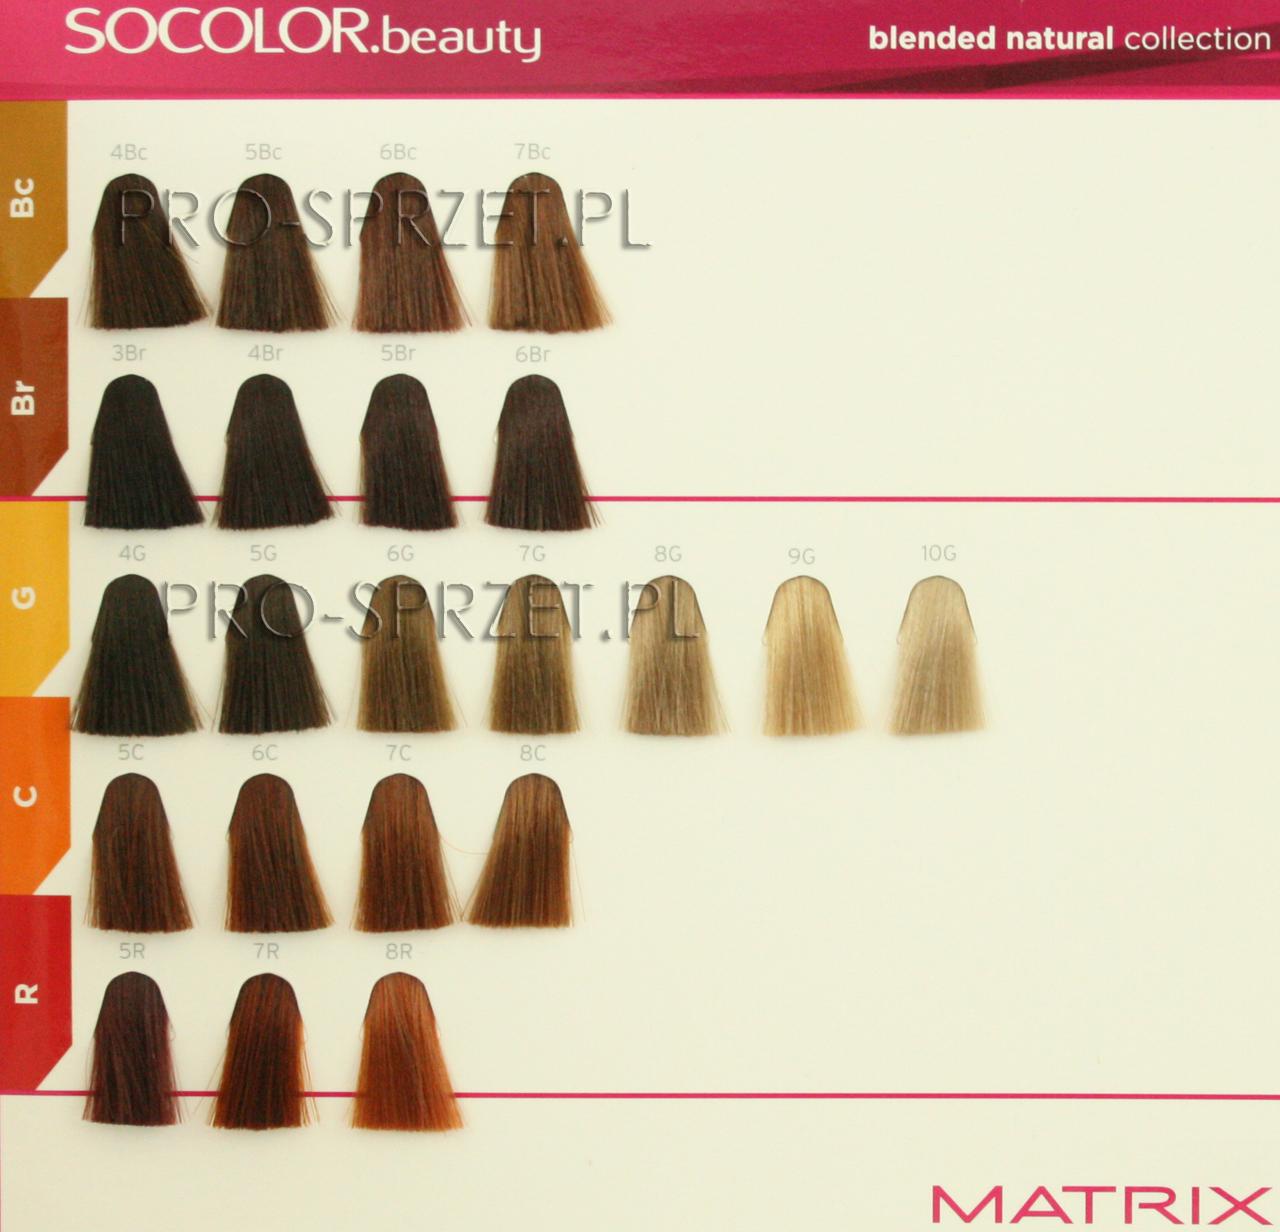 Farba Matrix Socolor Beauty 90ml